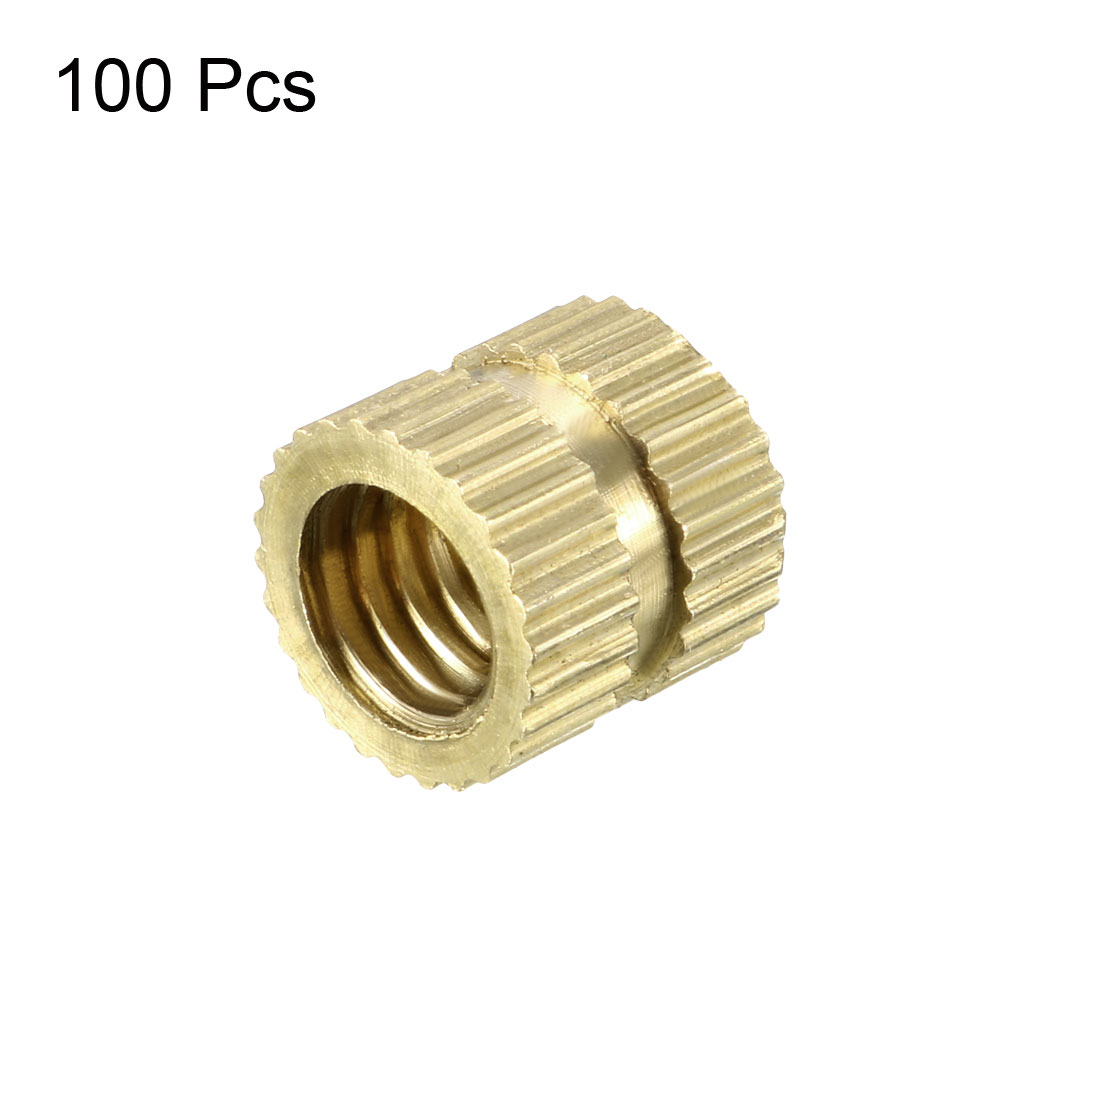 M6 x 8mm(L) x 8.5mm(OD) Brass Knurled Threaded Insert Embedment Nuts, 100 Pcs - image 2 de 3